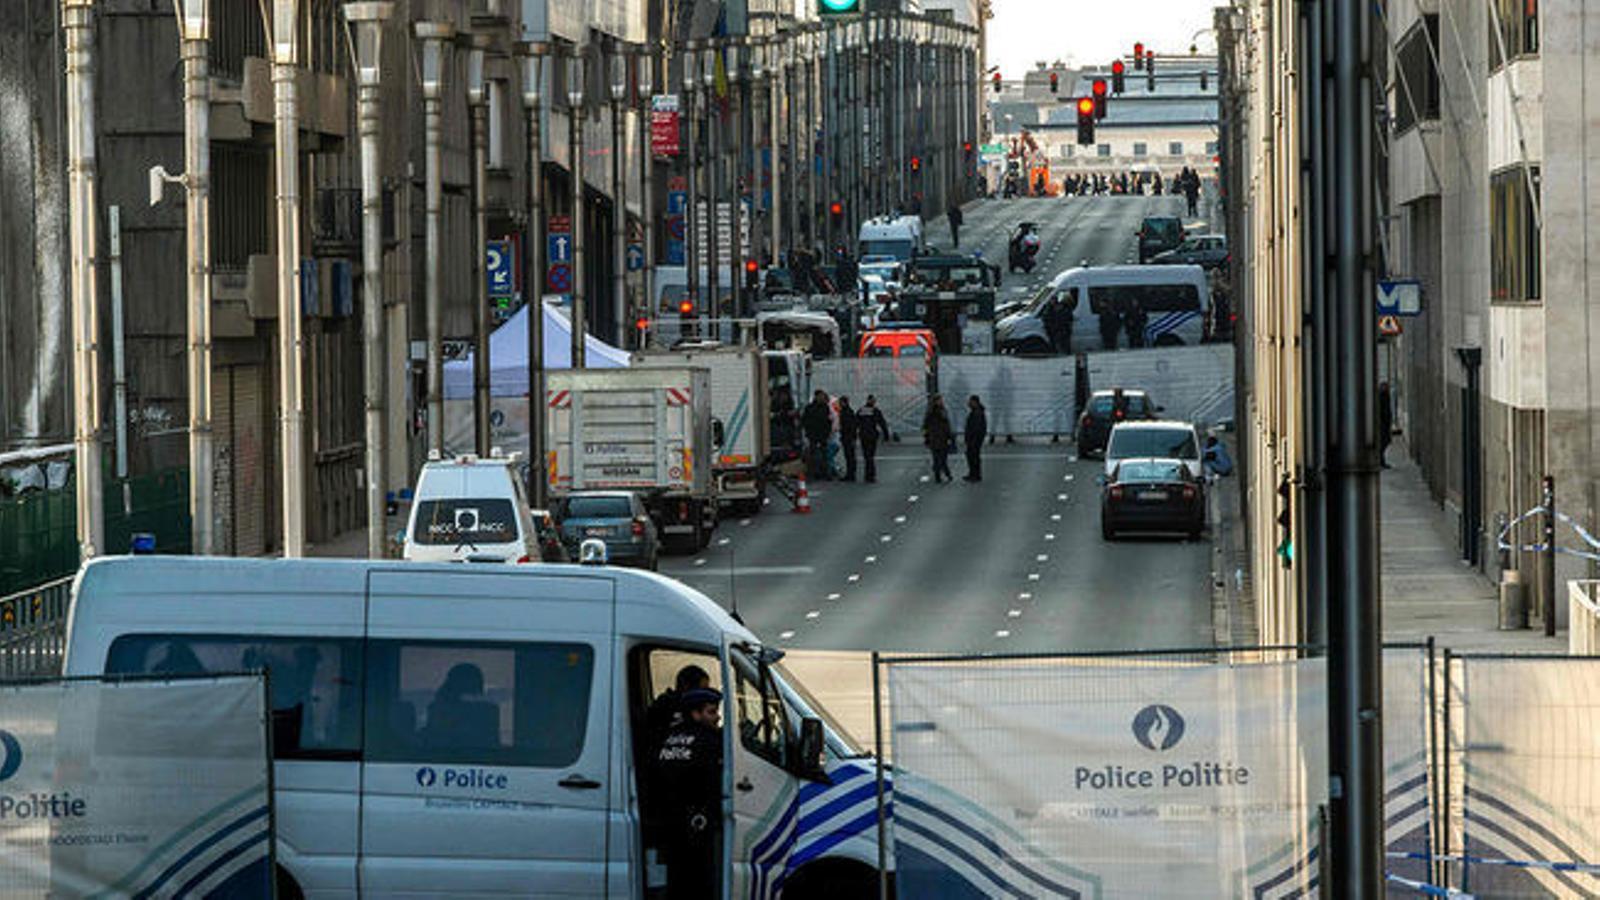 Les forces policials bloquegen l'accés a l'estació de metro Maalbeek, a Brussel·les, on es va produir un dels atemptats al març